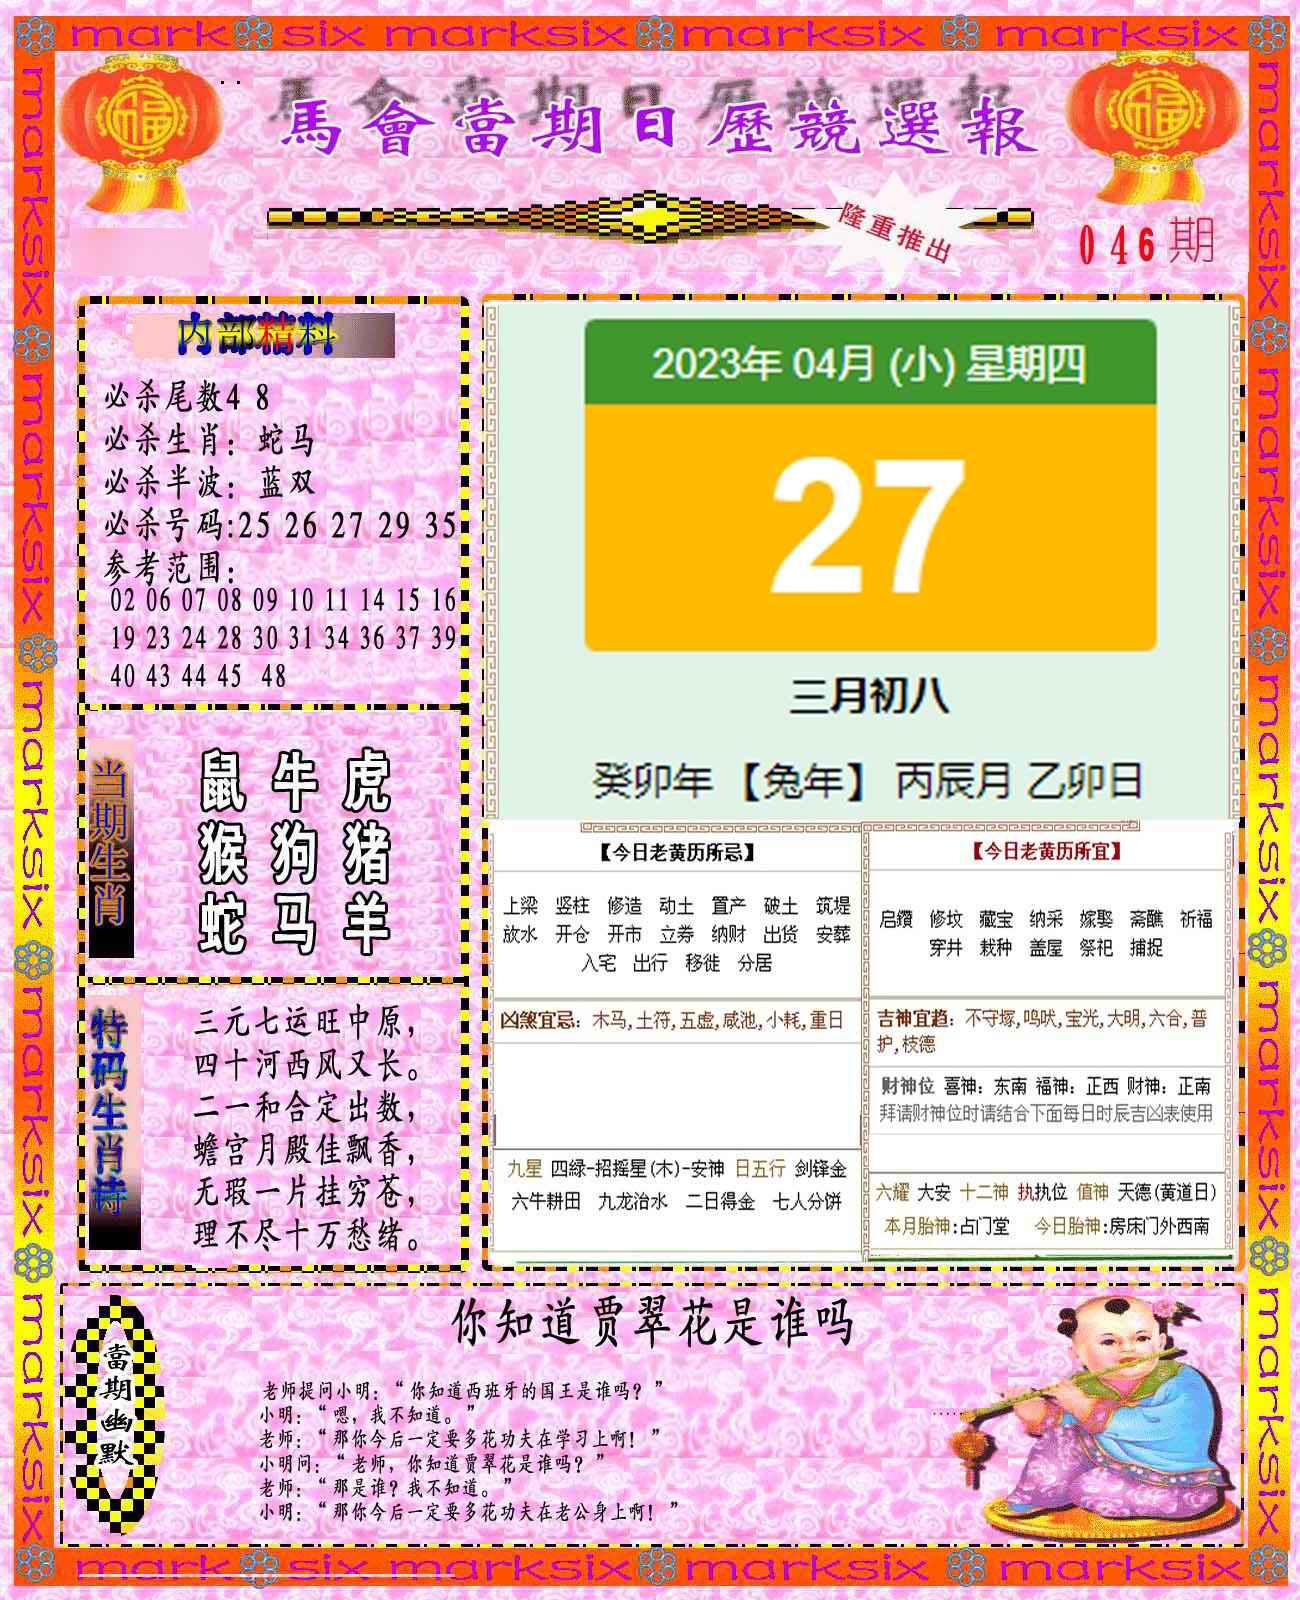 046期日历精选报(彩)